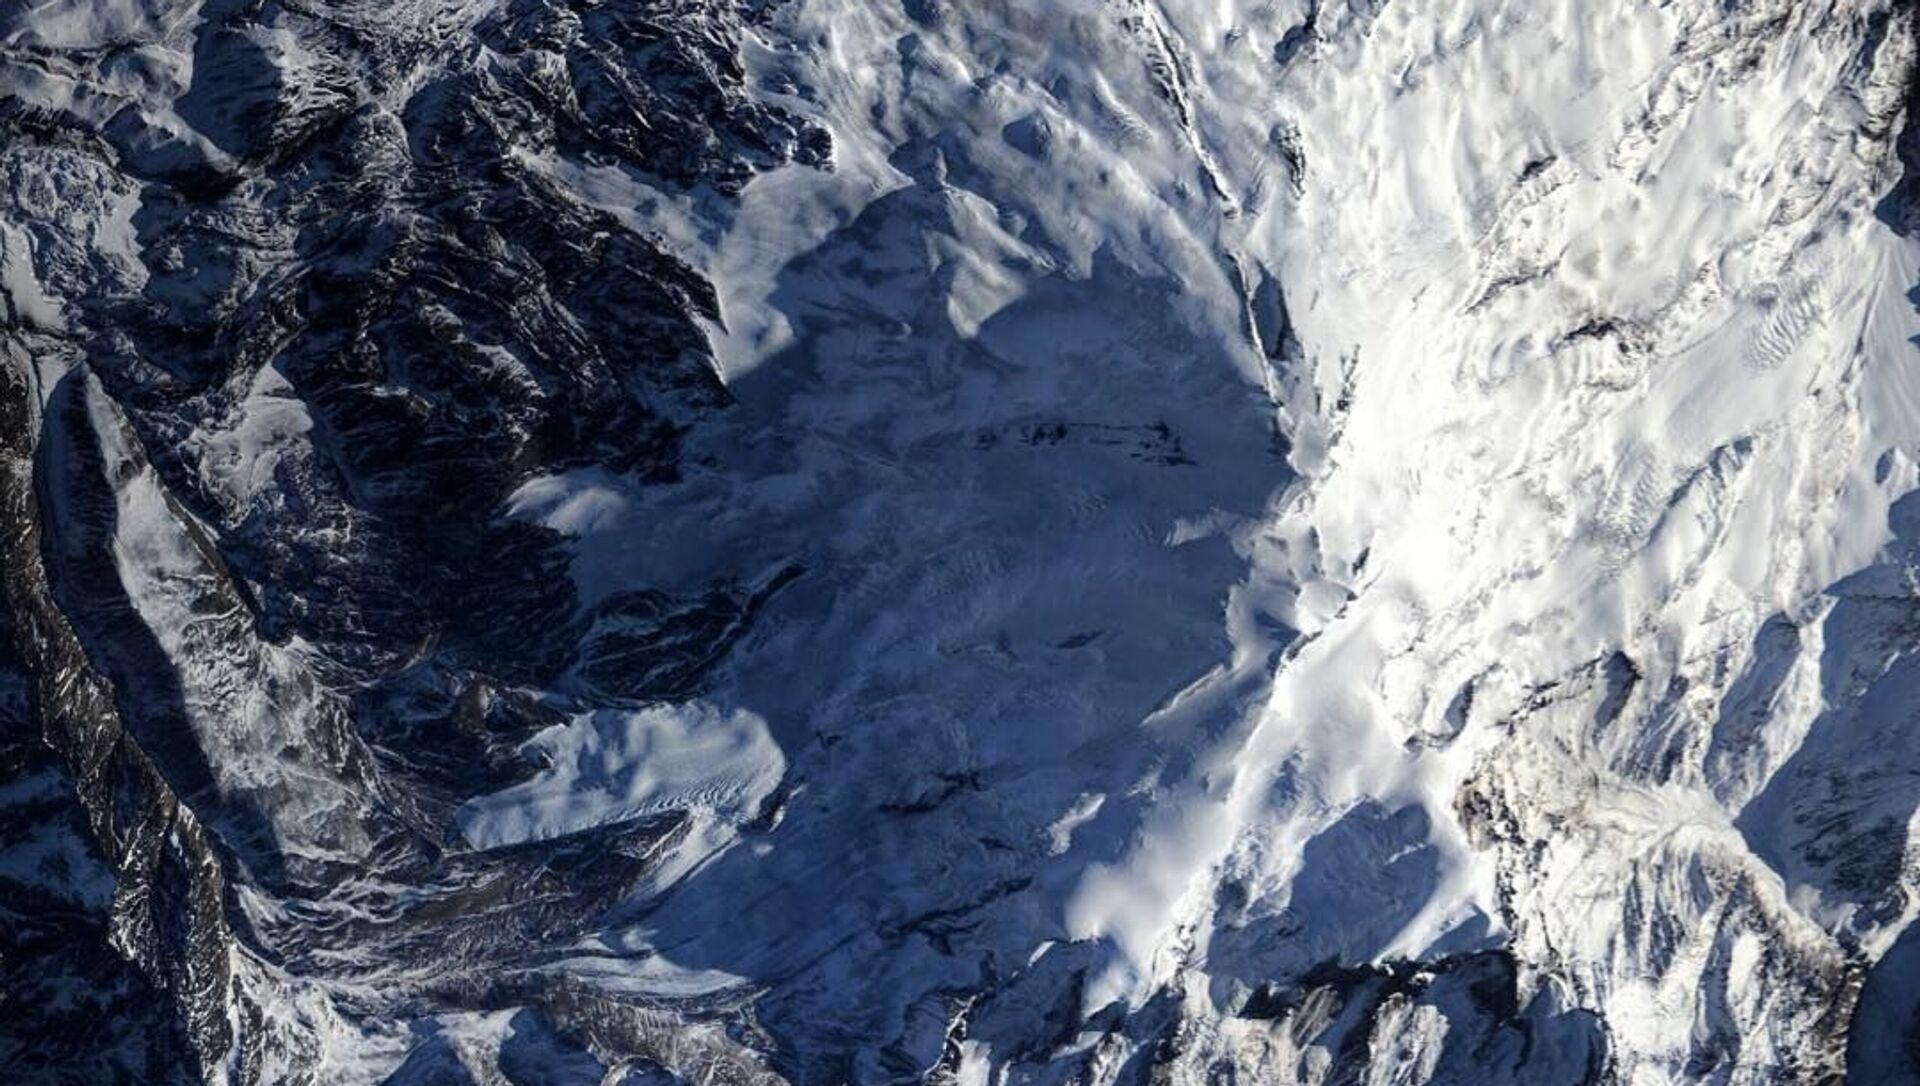 間一髪で雪崩が停止 ロシアのスキーリゾート地 - Sputnik 日本, 1920, 25.09.2021